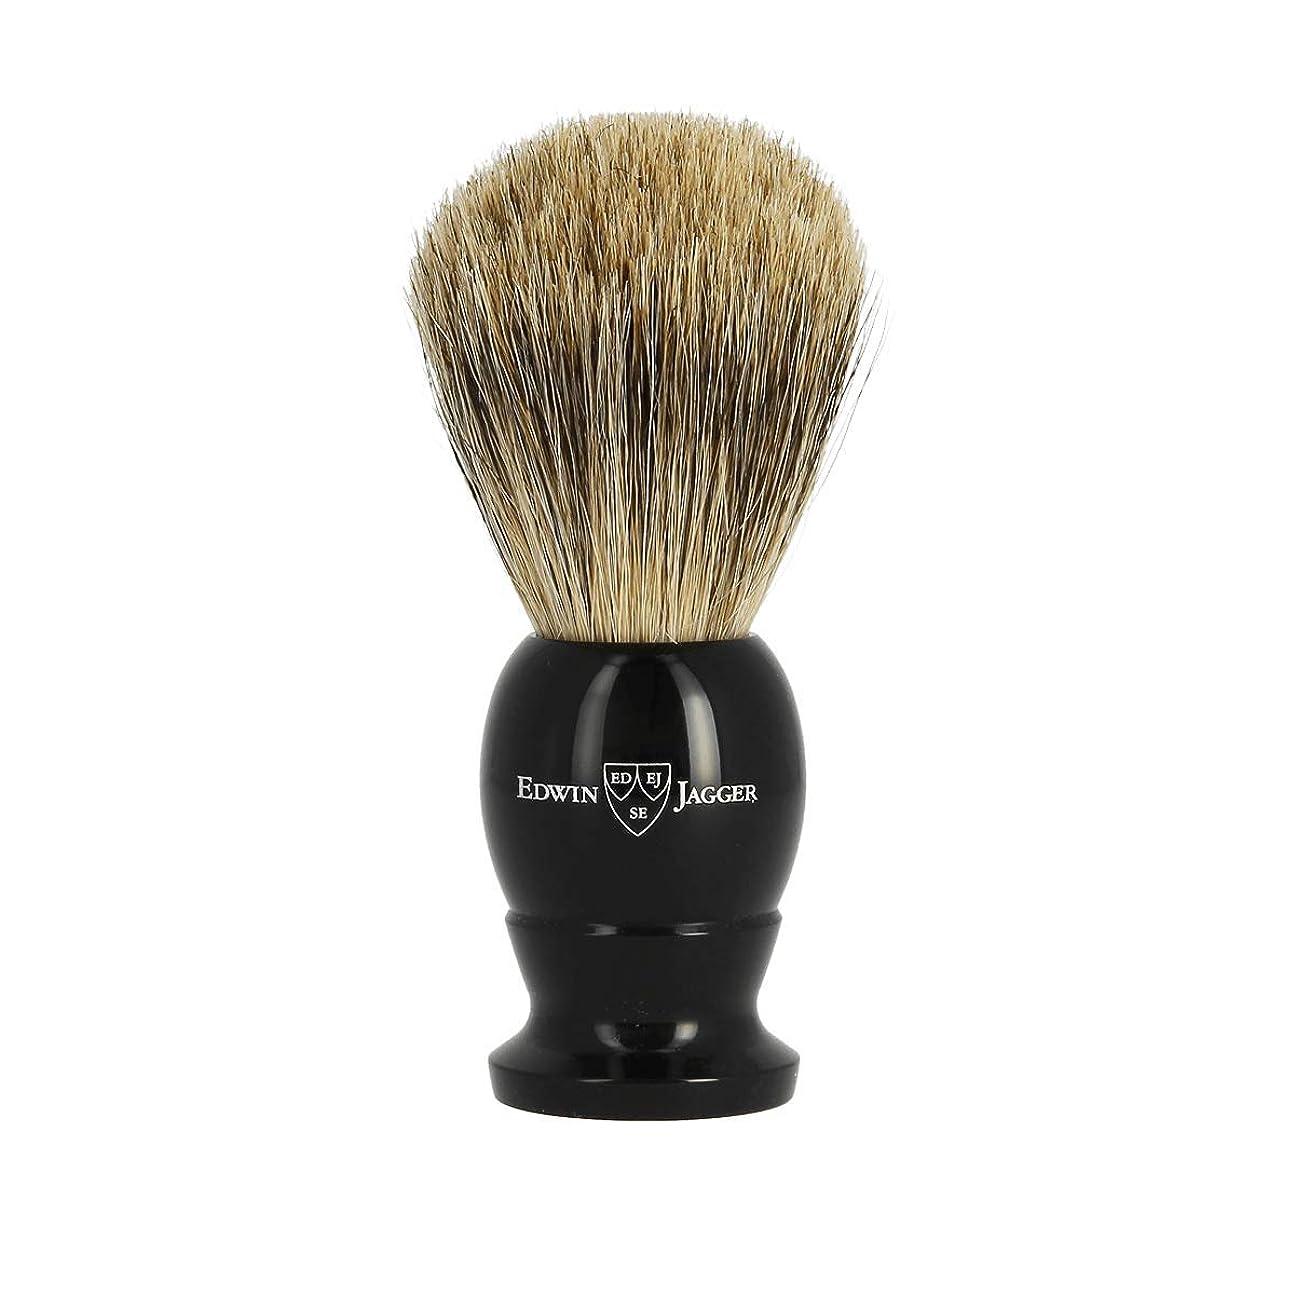 学校クスクス全体エドウィンジャガー ベストバッジャーアナグマ毛 エボニーシェービングブラシミディアム1EJ876[海外直送品]Edwin Jagger Best Badger Ebony Shaving Brush Medium 1EJ876 [並行輸入品]